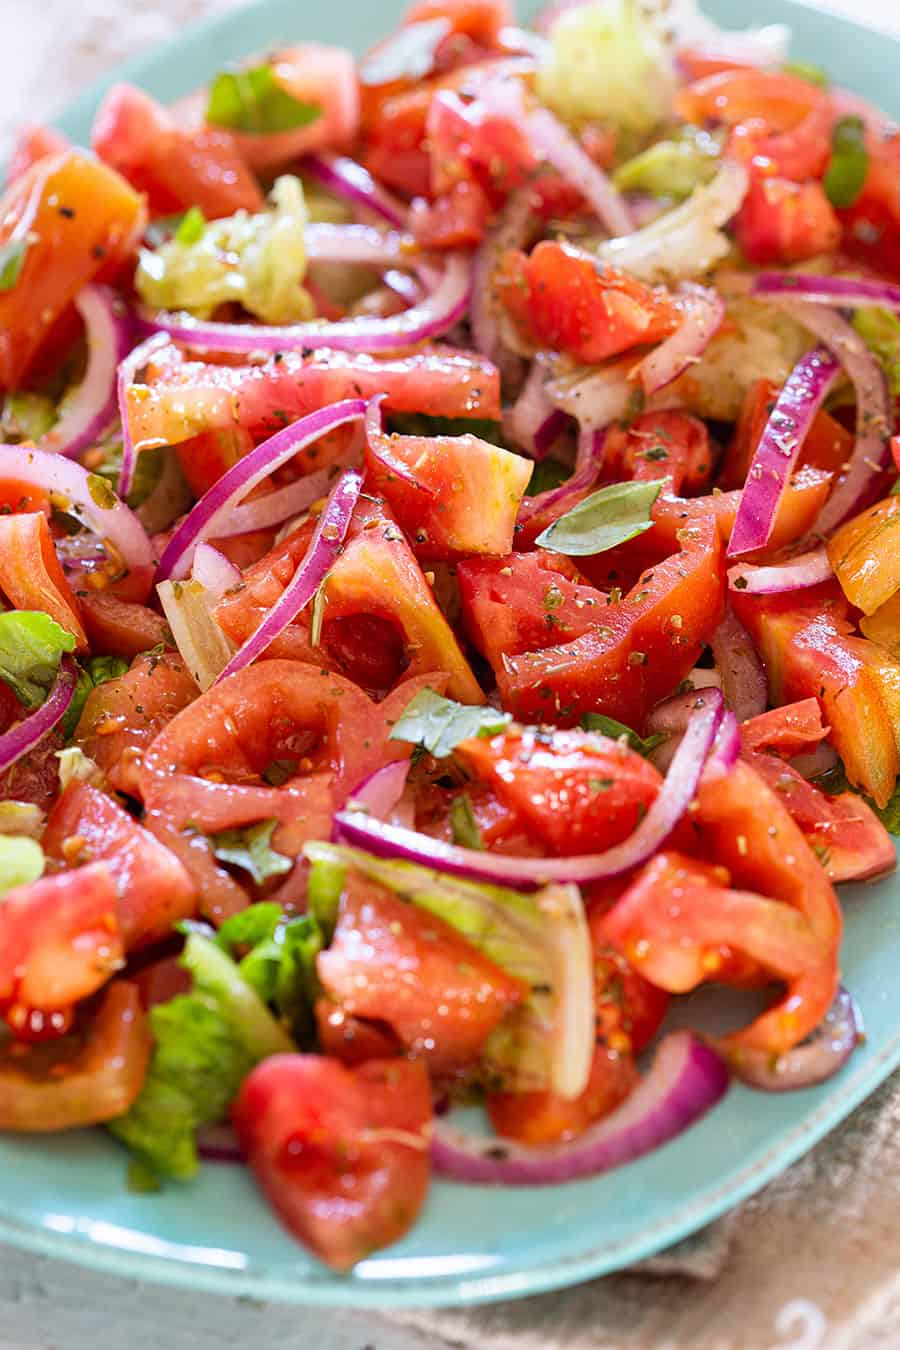 Italian tomato salad on a platter.